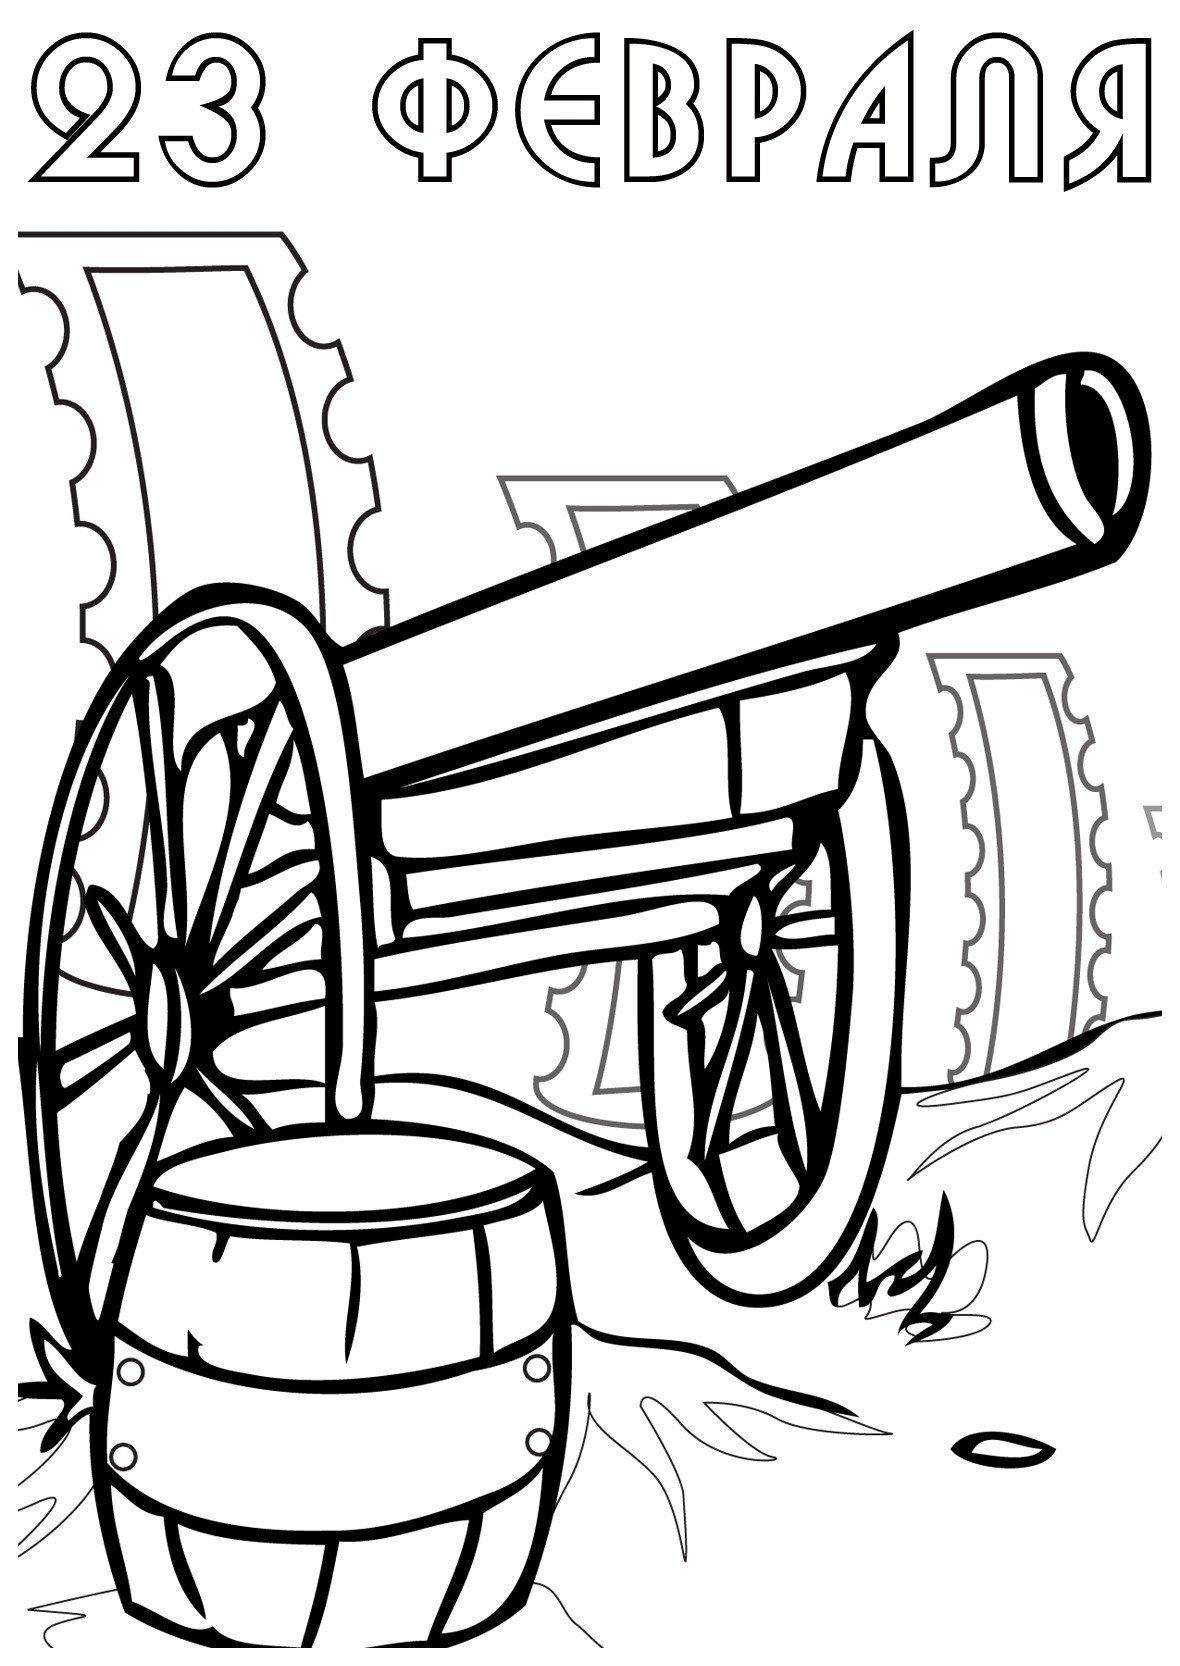 Картинка для раскраски «Военная тема на 23 февраля»